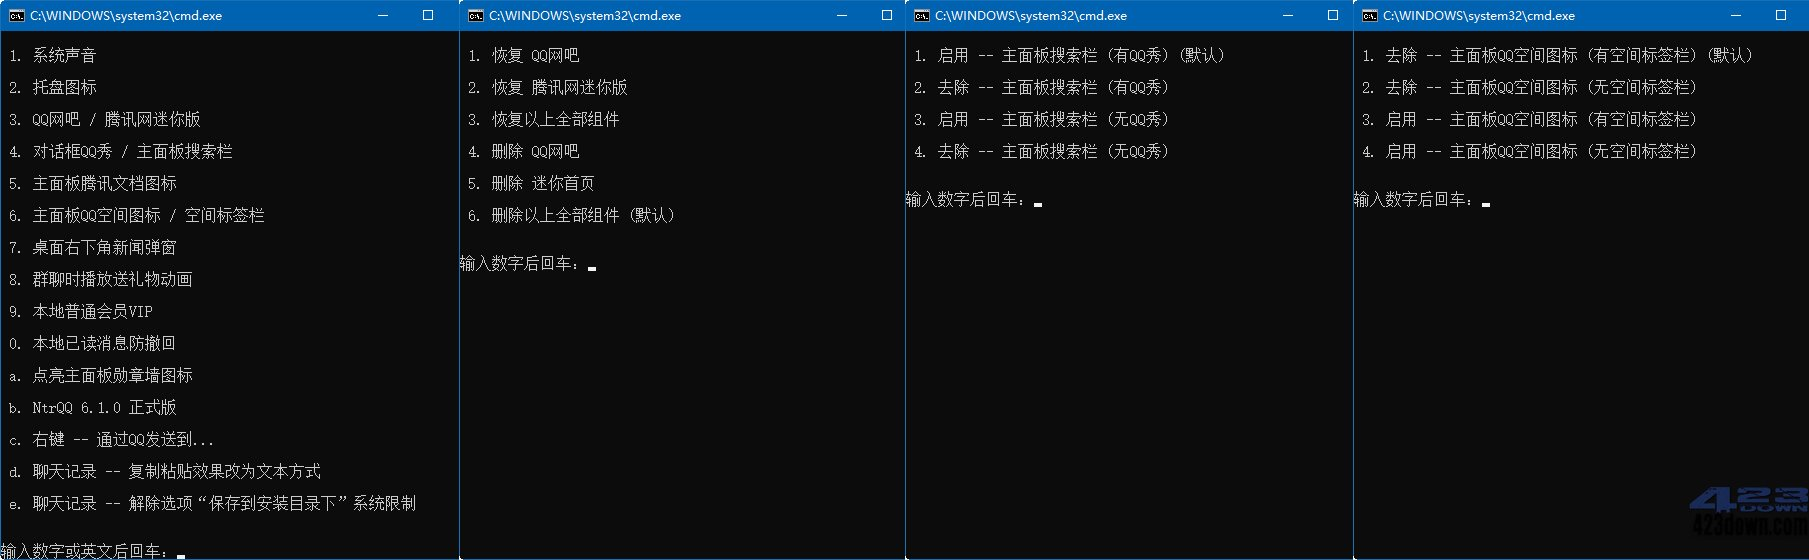 腾讯QQ特别版 v9.5.0.27852 by Dreamcast